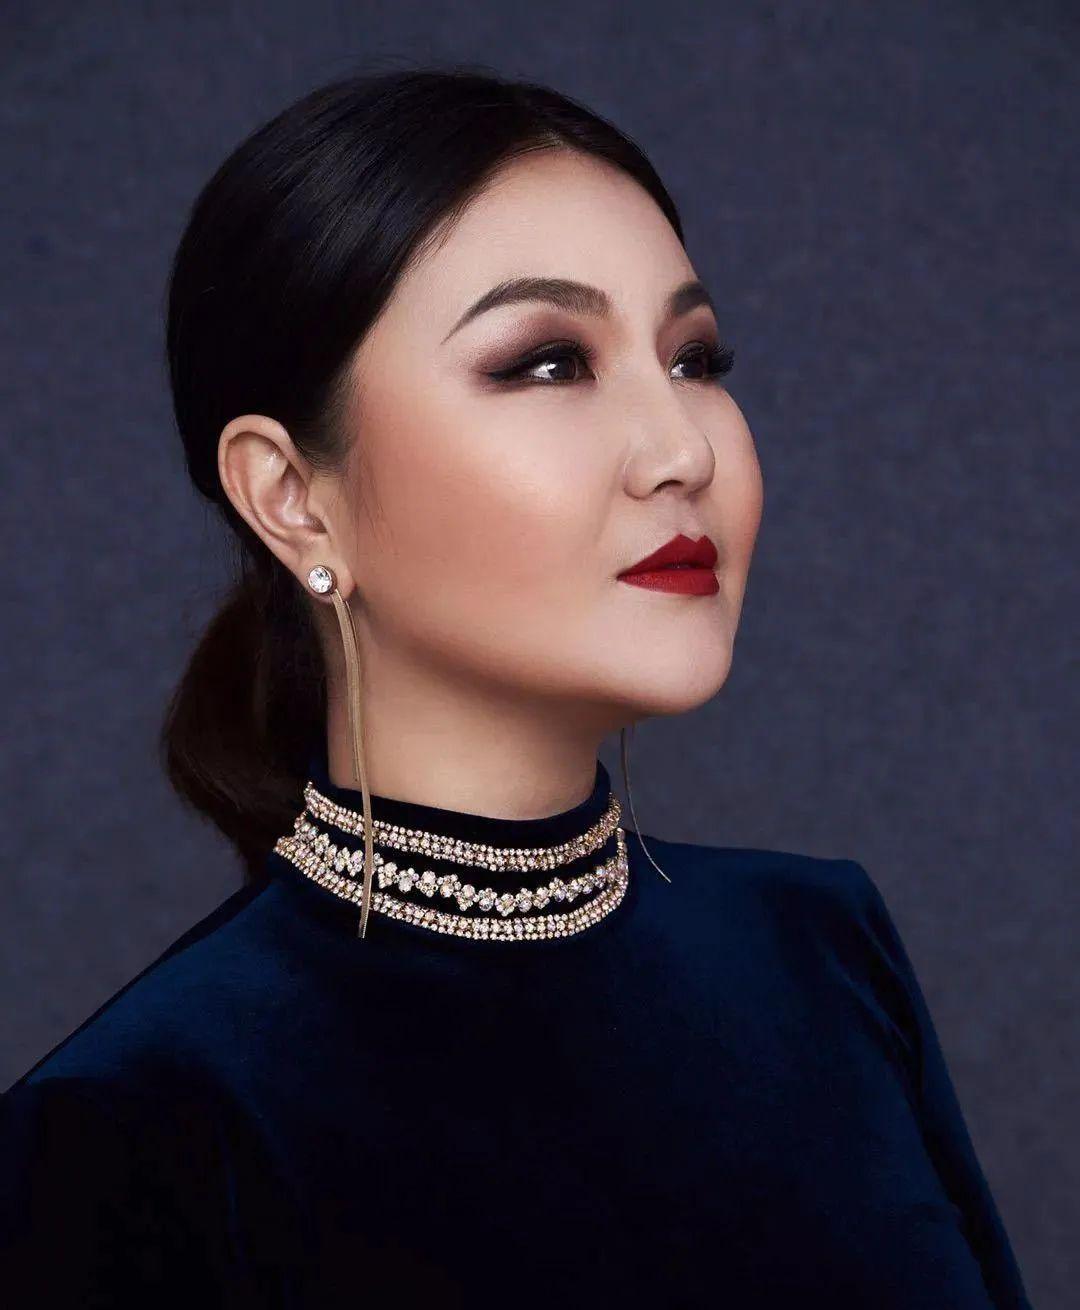 又一位蒙古族实力唱将在《星光大道》屡获佳绩,来听TA的音乐